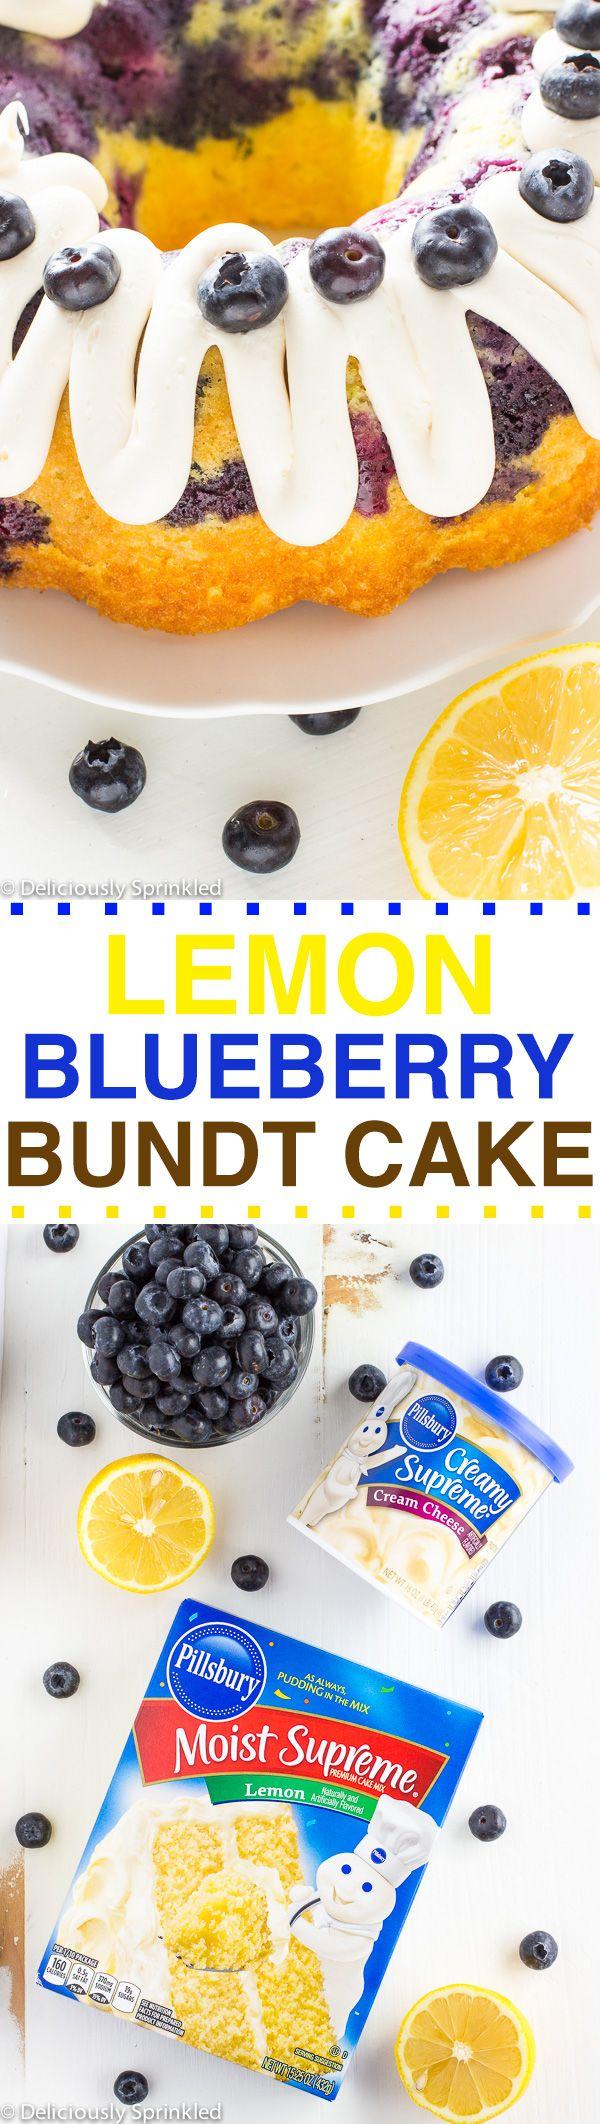 Lemon Blueberry Bundt Cake- super easy bundt cake to make that taste like it is homemade with the fresh blueberries. My family LOVED it!